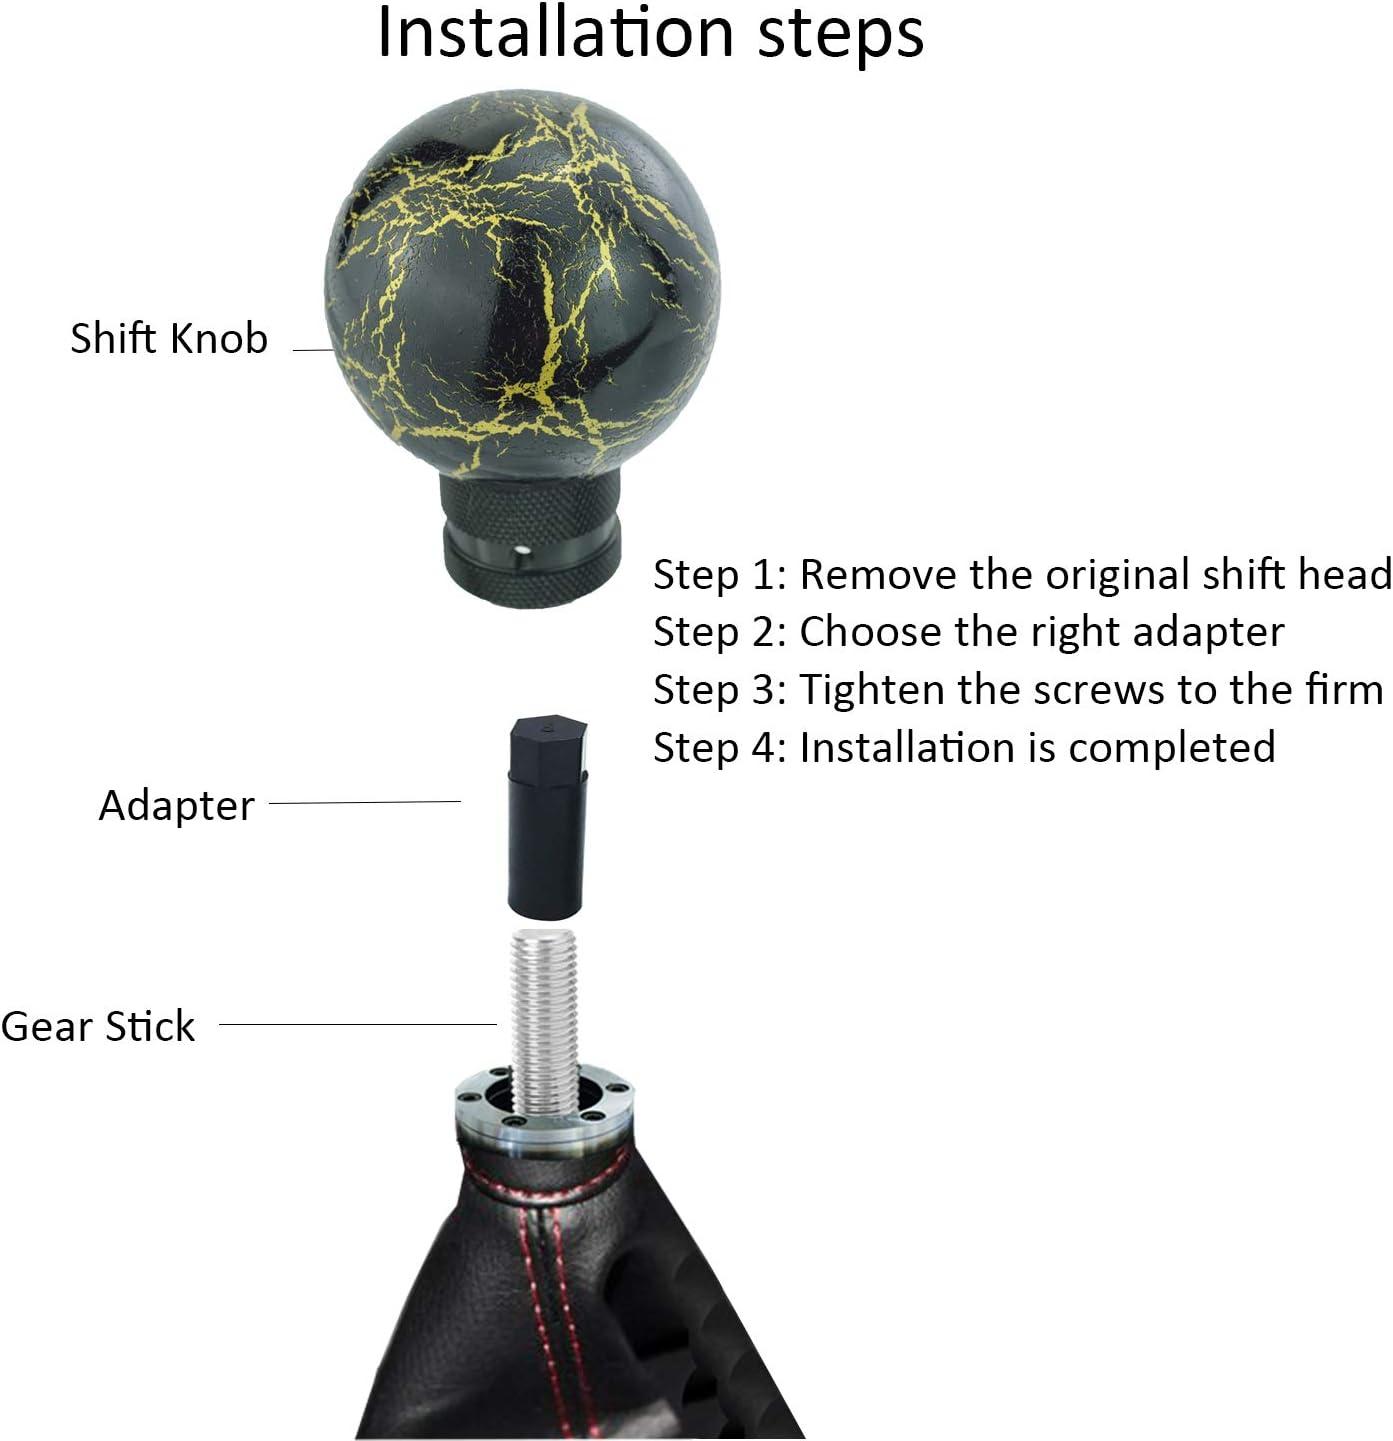 Bashineng Gear Shift knob Spherical Resin Thunder Ball Stick Level ...